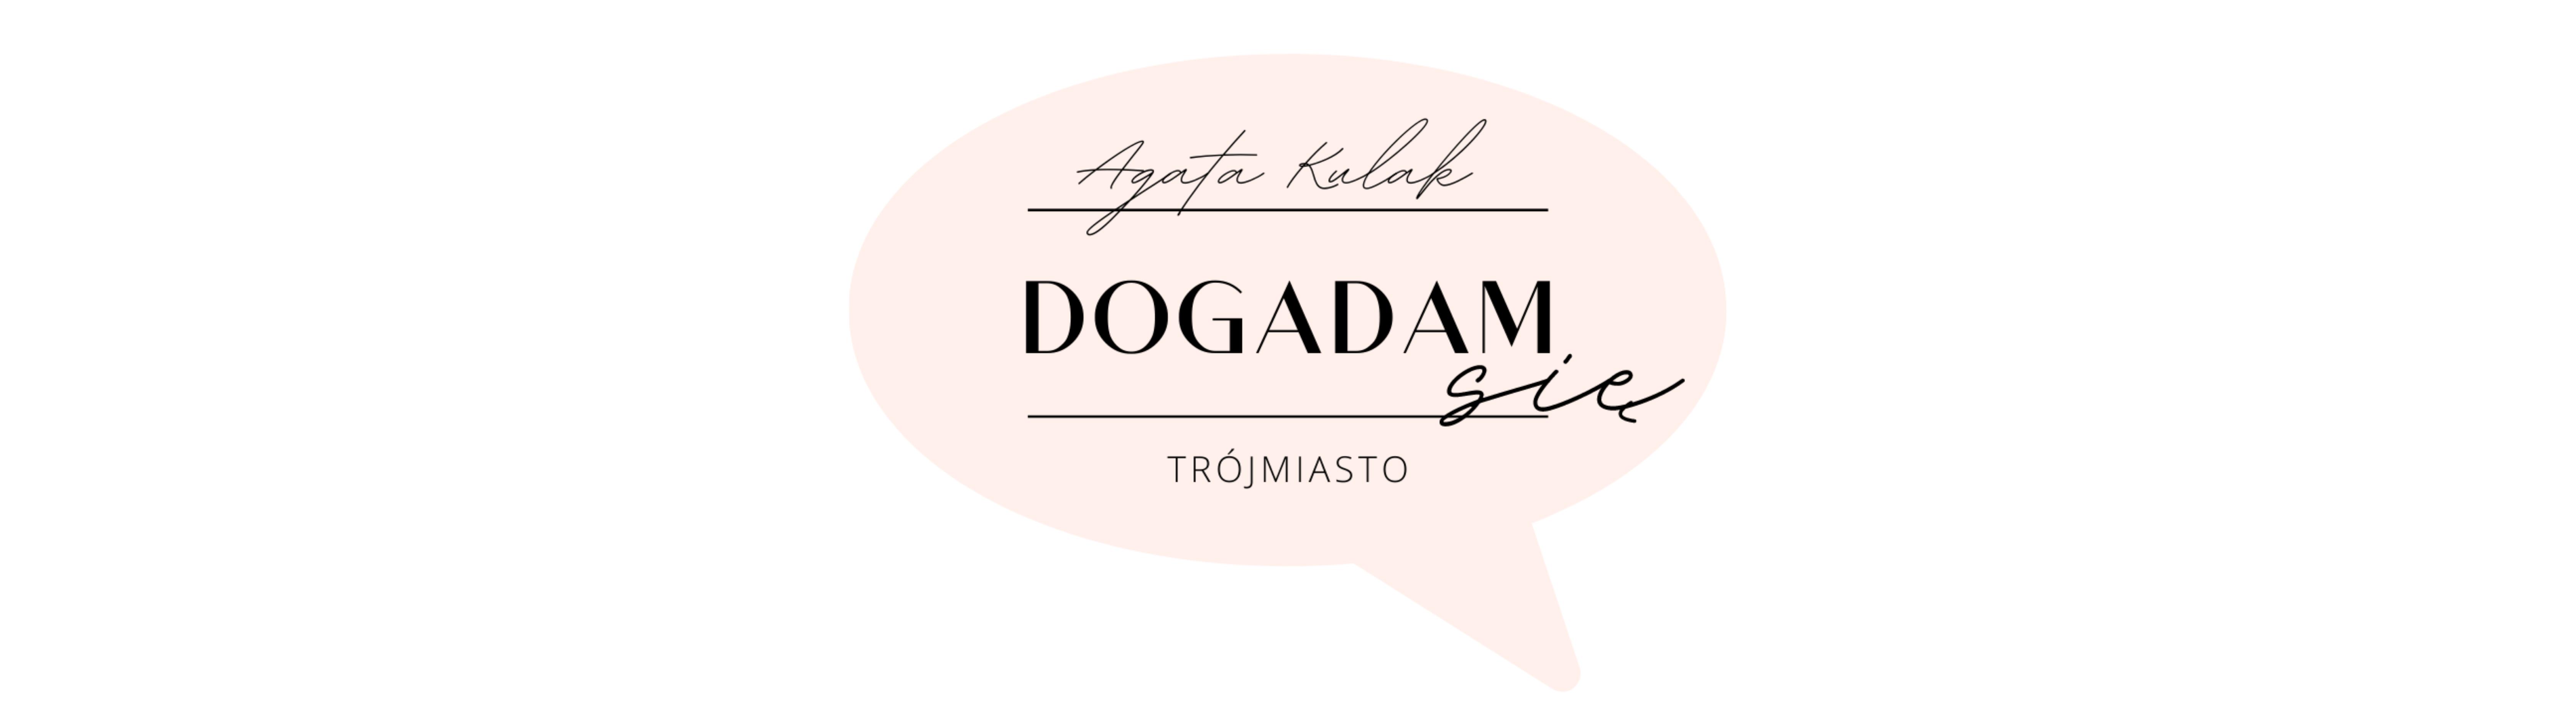 DOGADAM SIĘ Agata Kulak